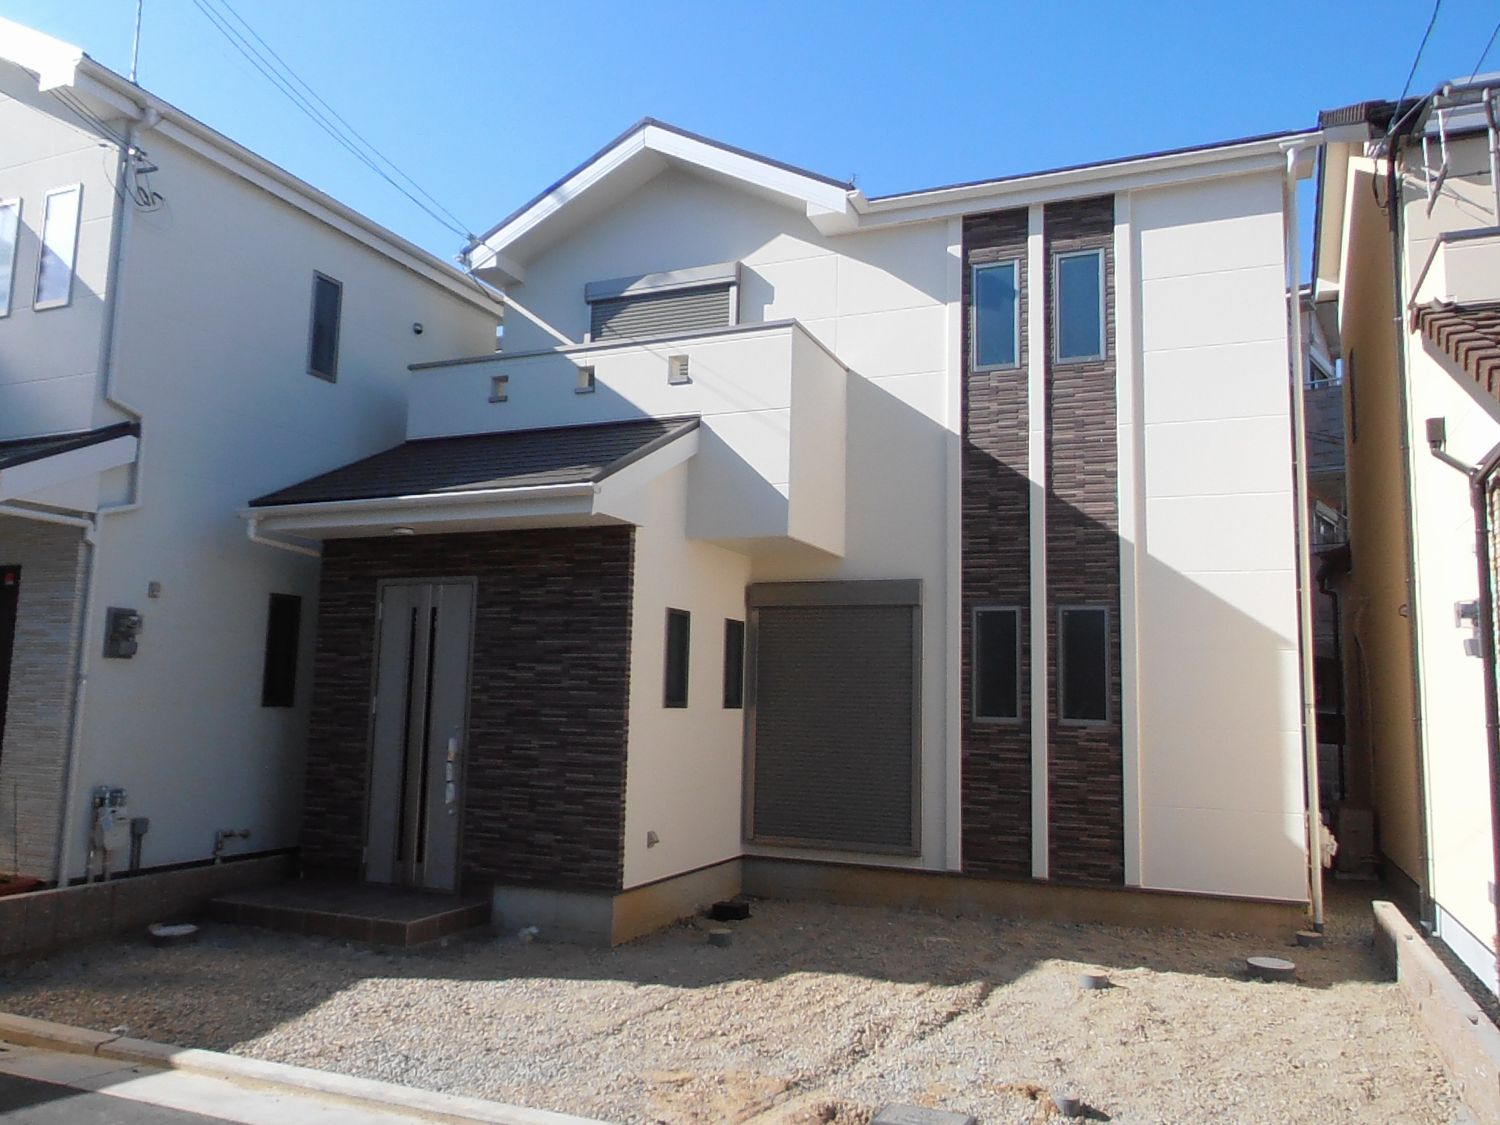 新築一戸建て:堺市西区上野芝町3丁 JR阪和線「上野芝」駅徒歩4分